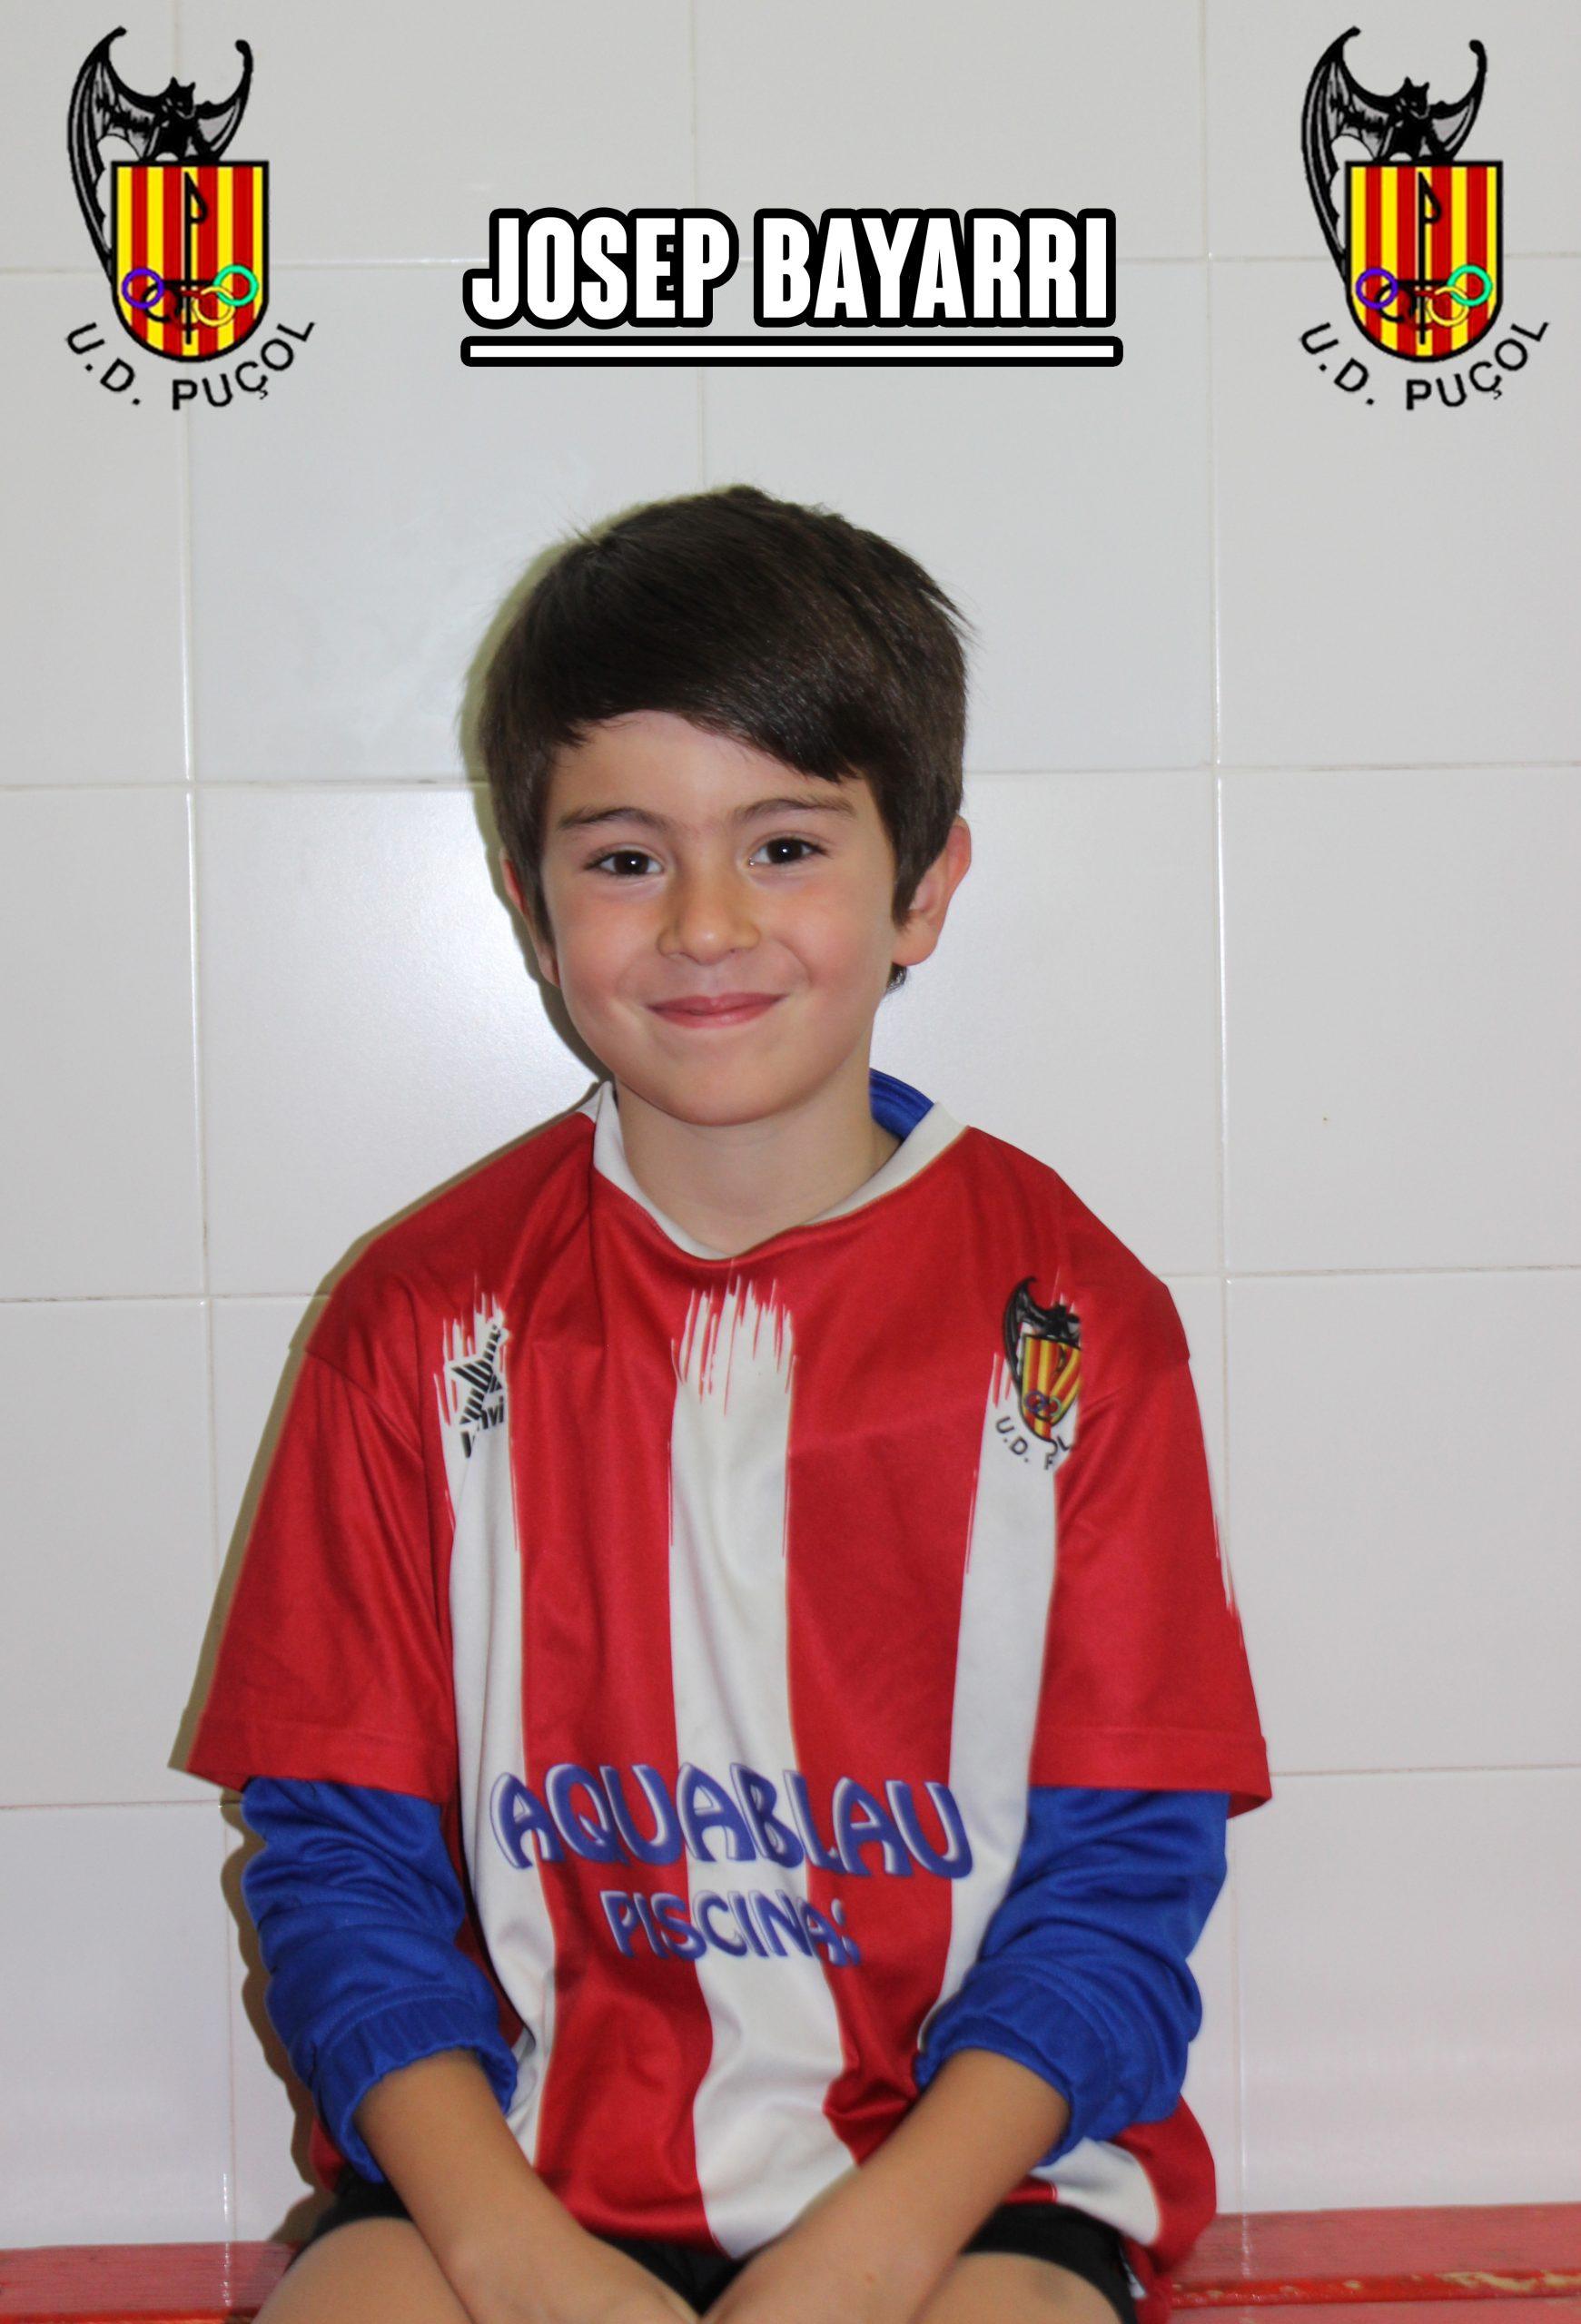 Josep Bayarri